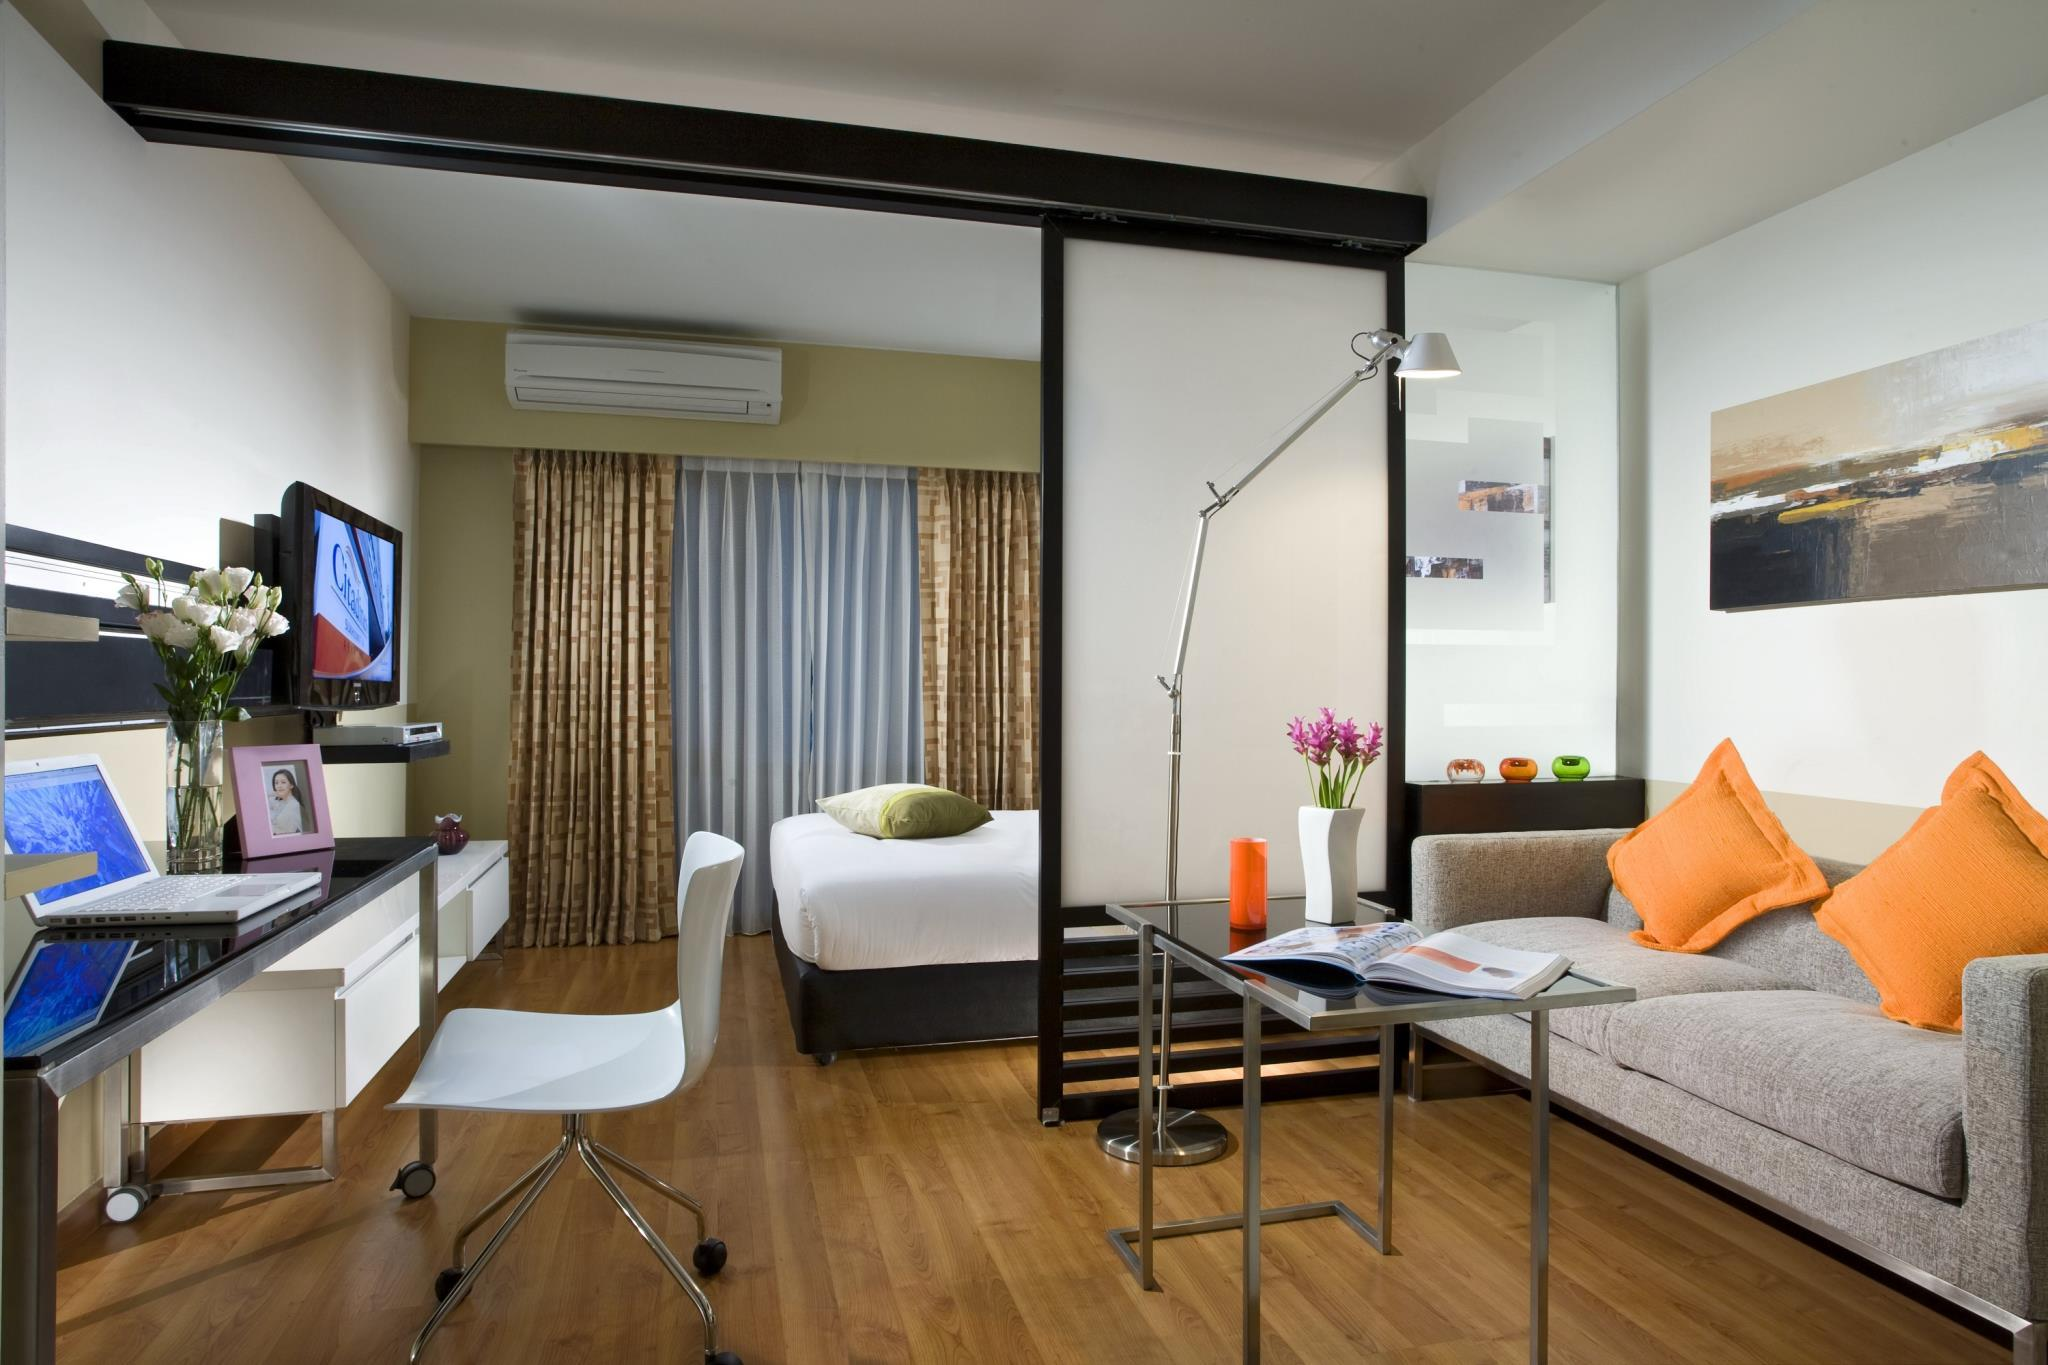 Спальня гостиная в одной комнате 18 кв м: фото с кроватью, з.